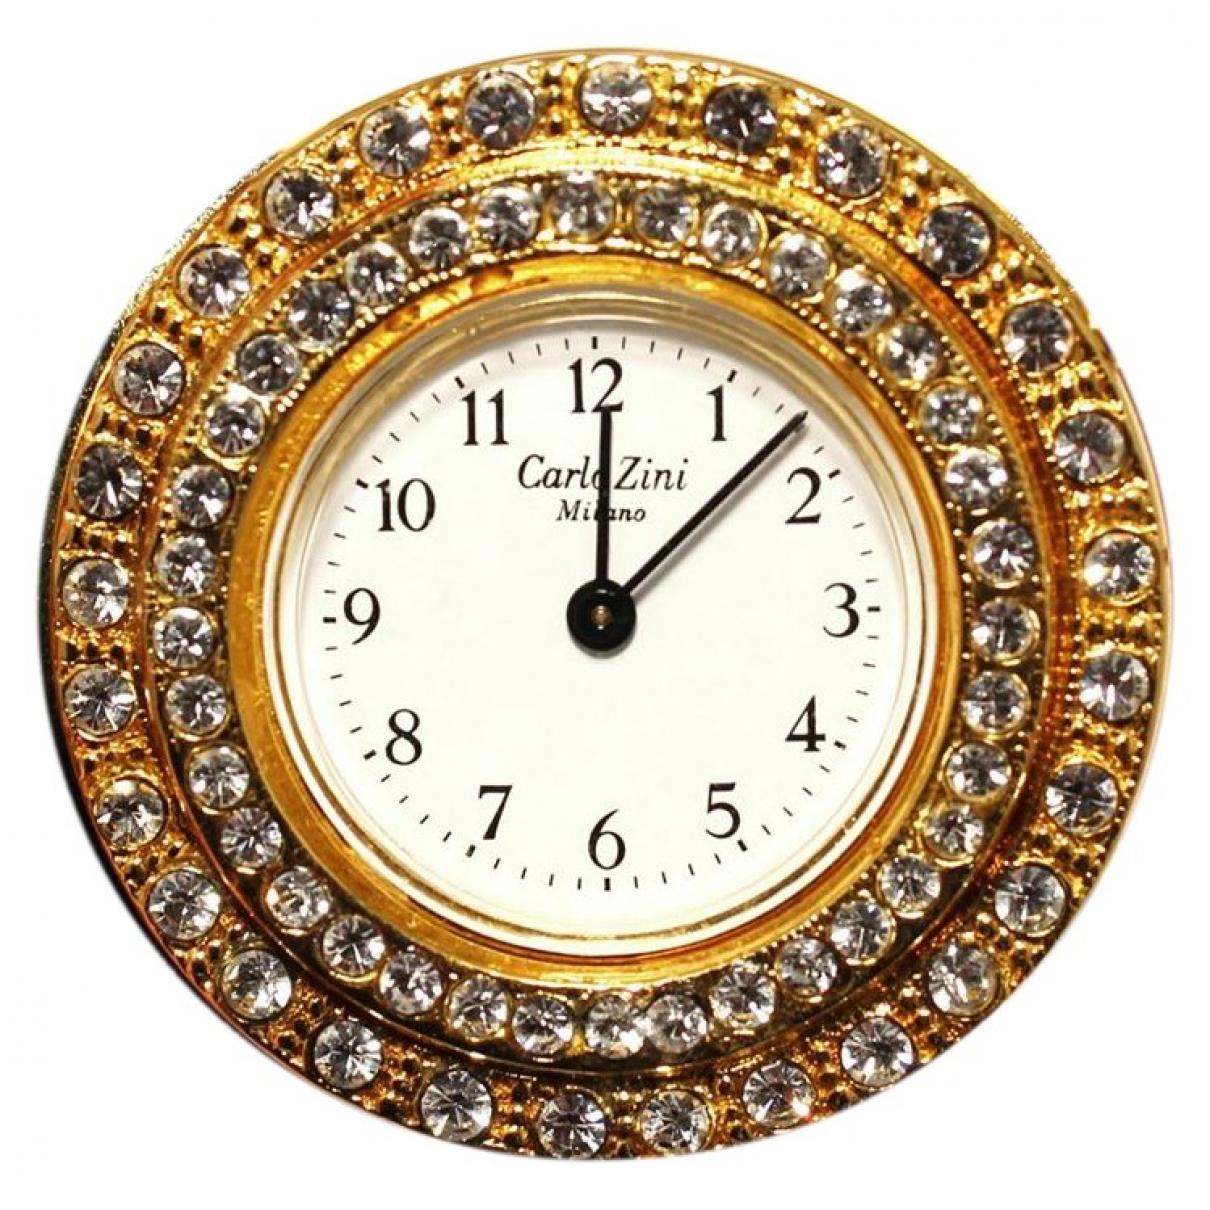 Carlo Zini \N Gold Yellow gold watch for Men \N